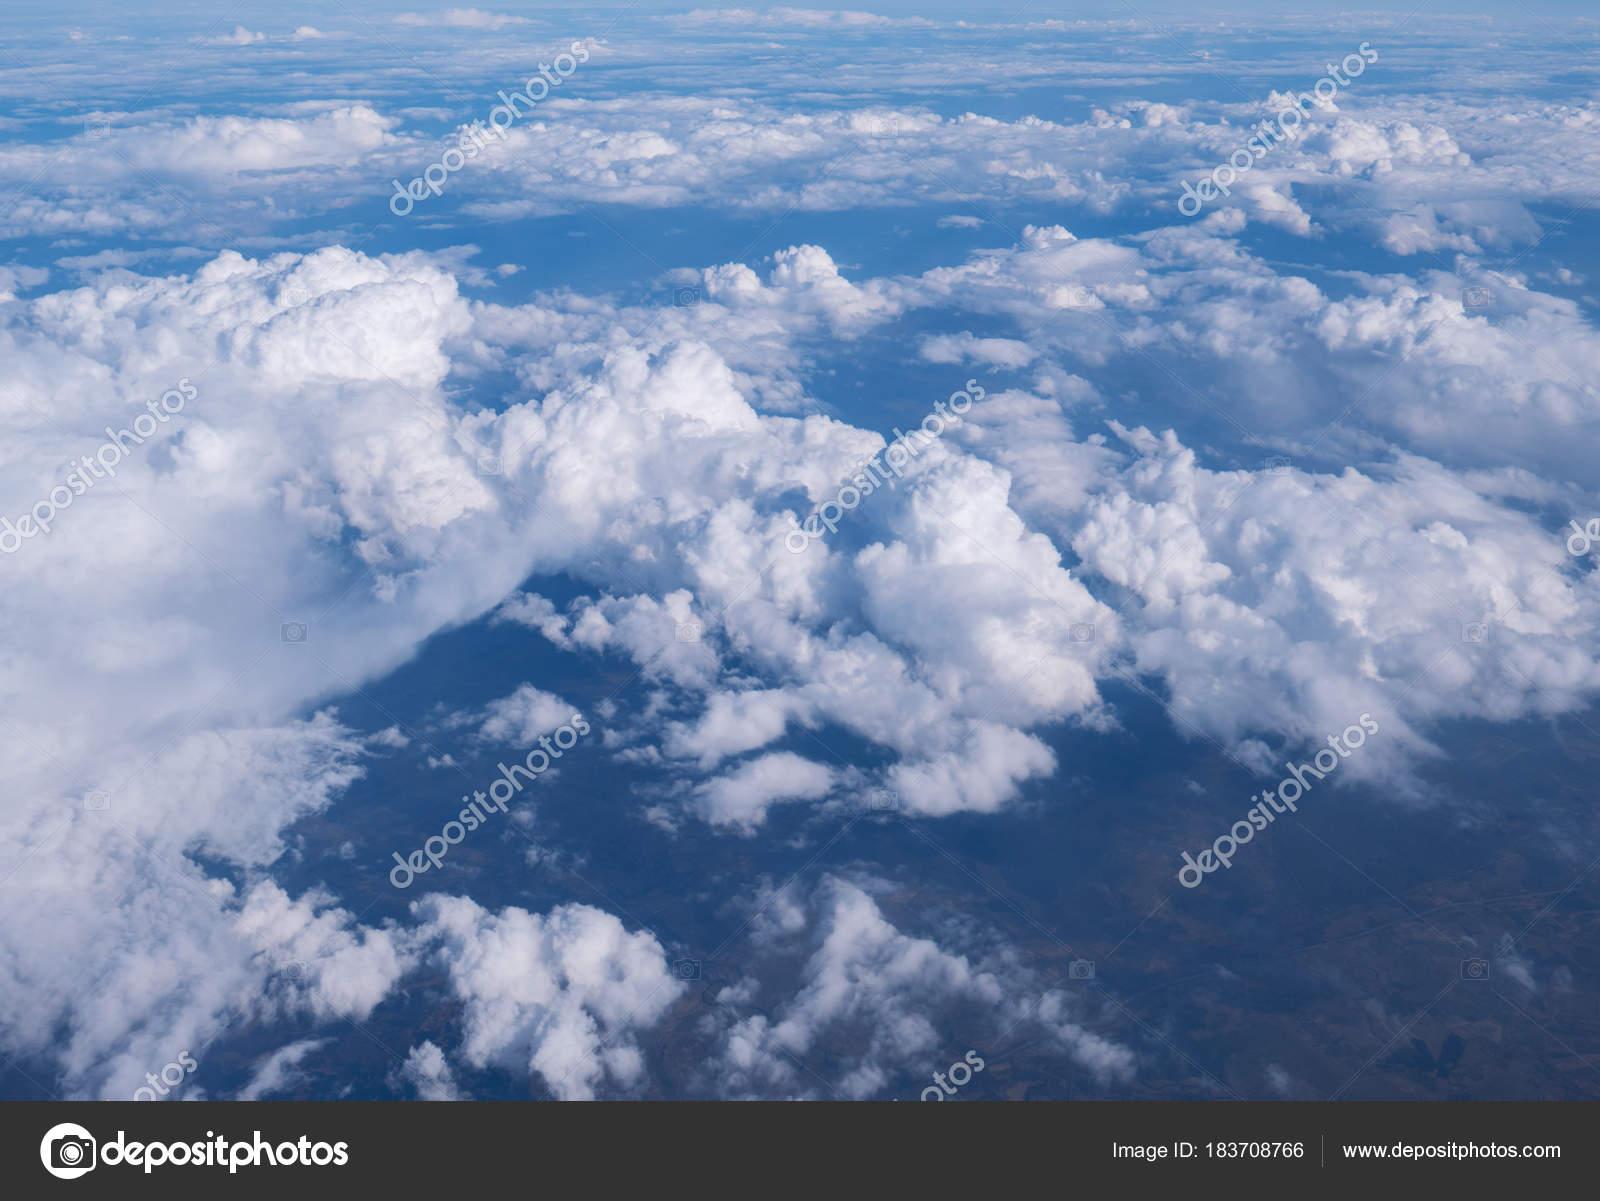 Вид Самоле�а Облака � С�оковое �о�о 169 eevl 183708766